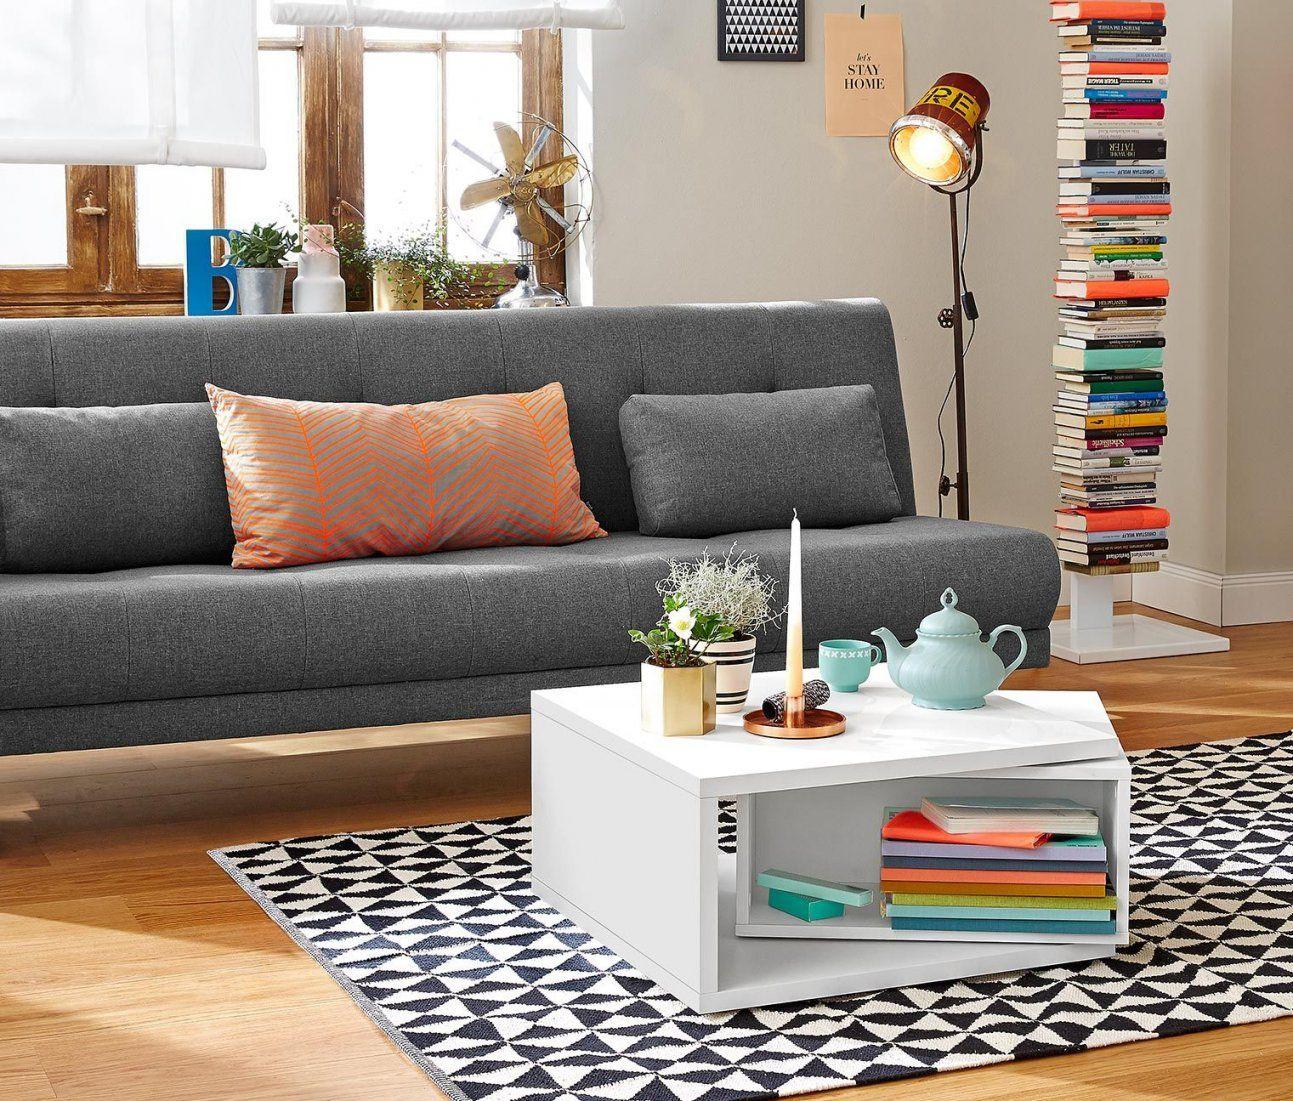 Couchtisch Online Bestellen Bei Tchibo 315403  Eos Neue Wohnung von Tchibo Couchtisch Weiß Bild